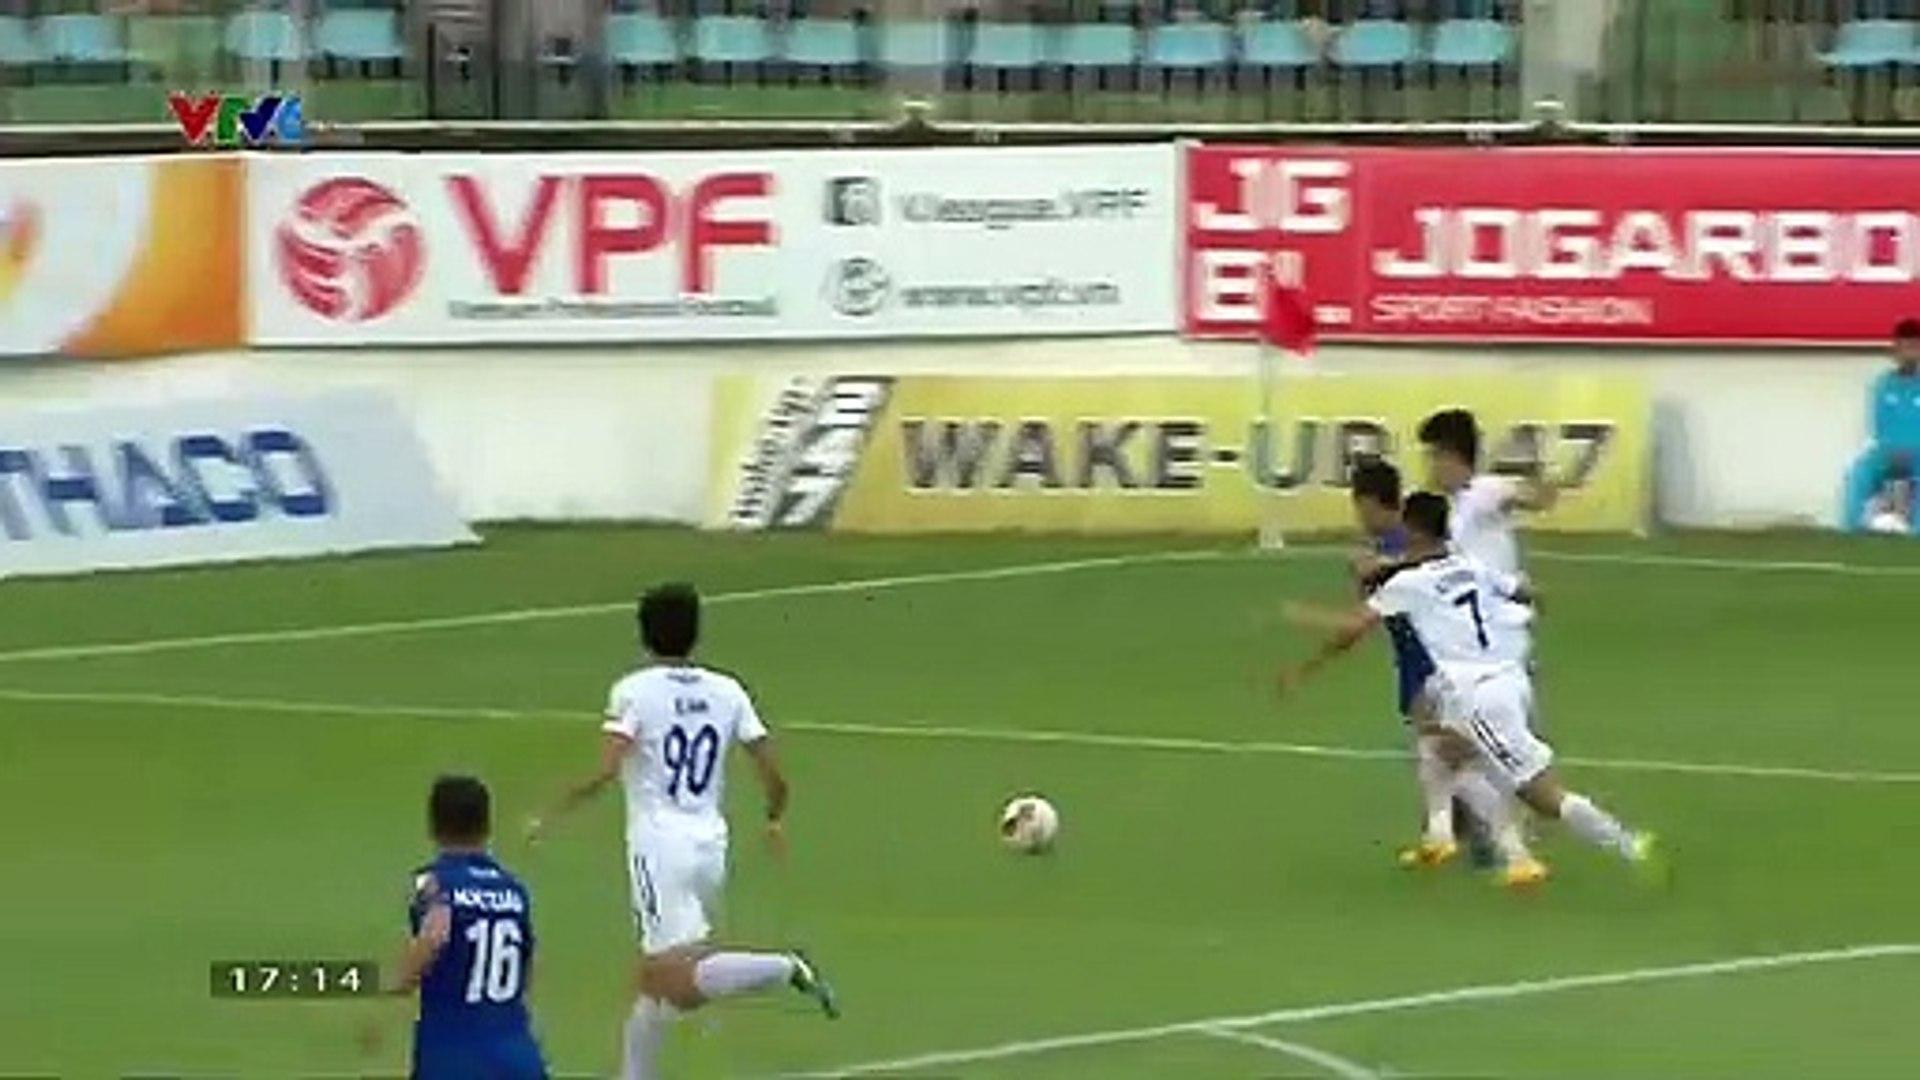 Tỏa sáng giúp Quảng Nam đánh bại HAGL, Hà Minh Tuấn xứng danh chân sút nội số 1 V.League 2019